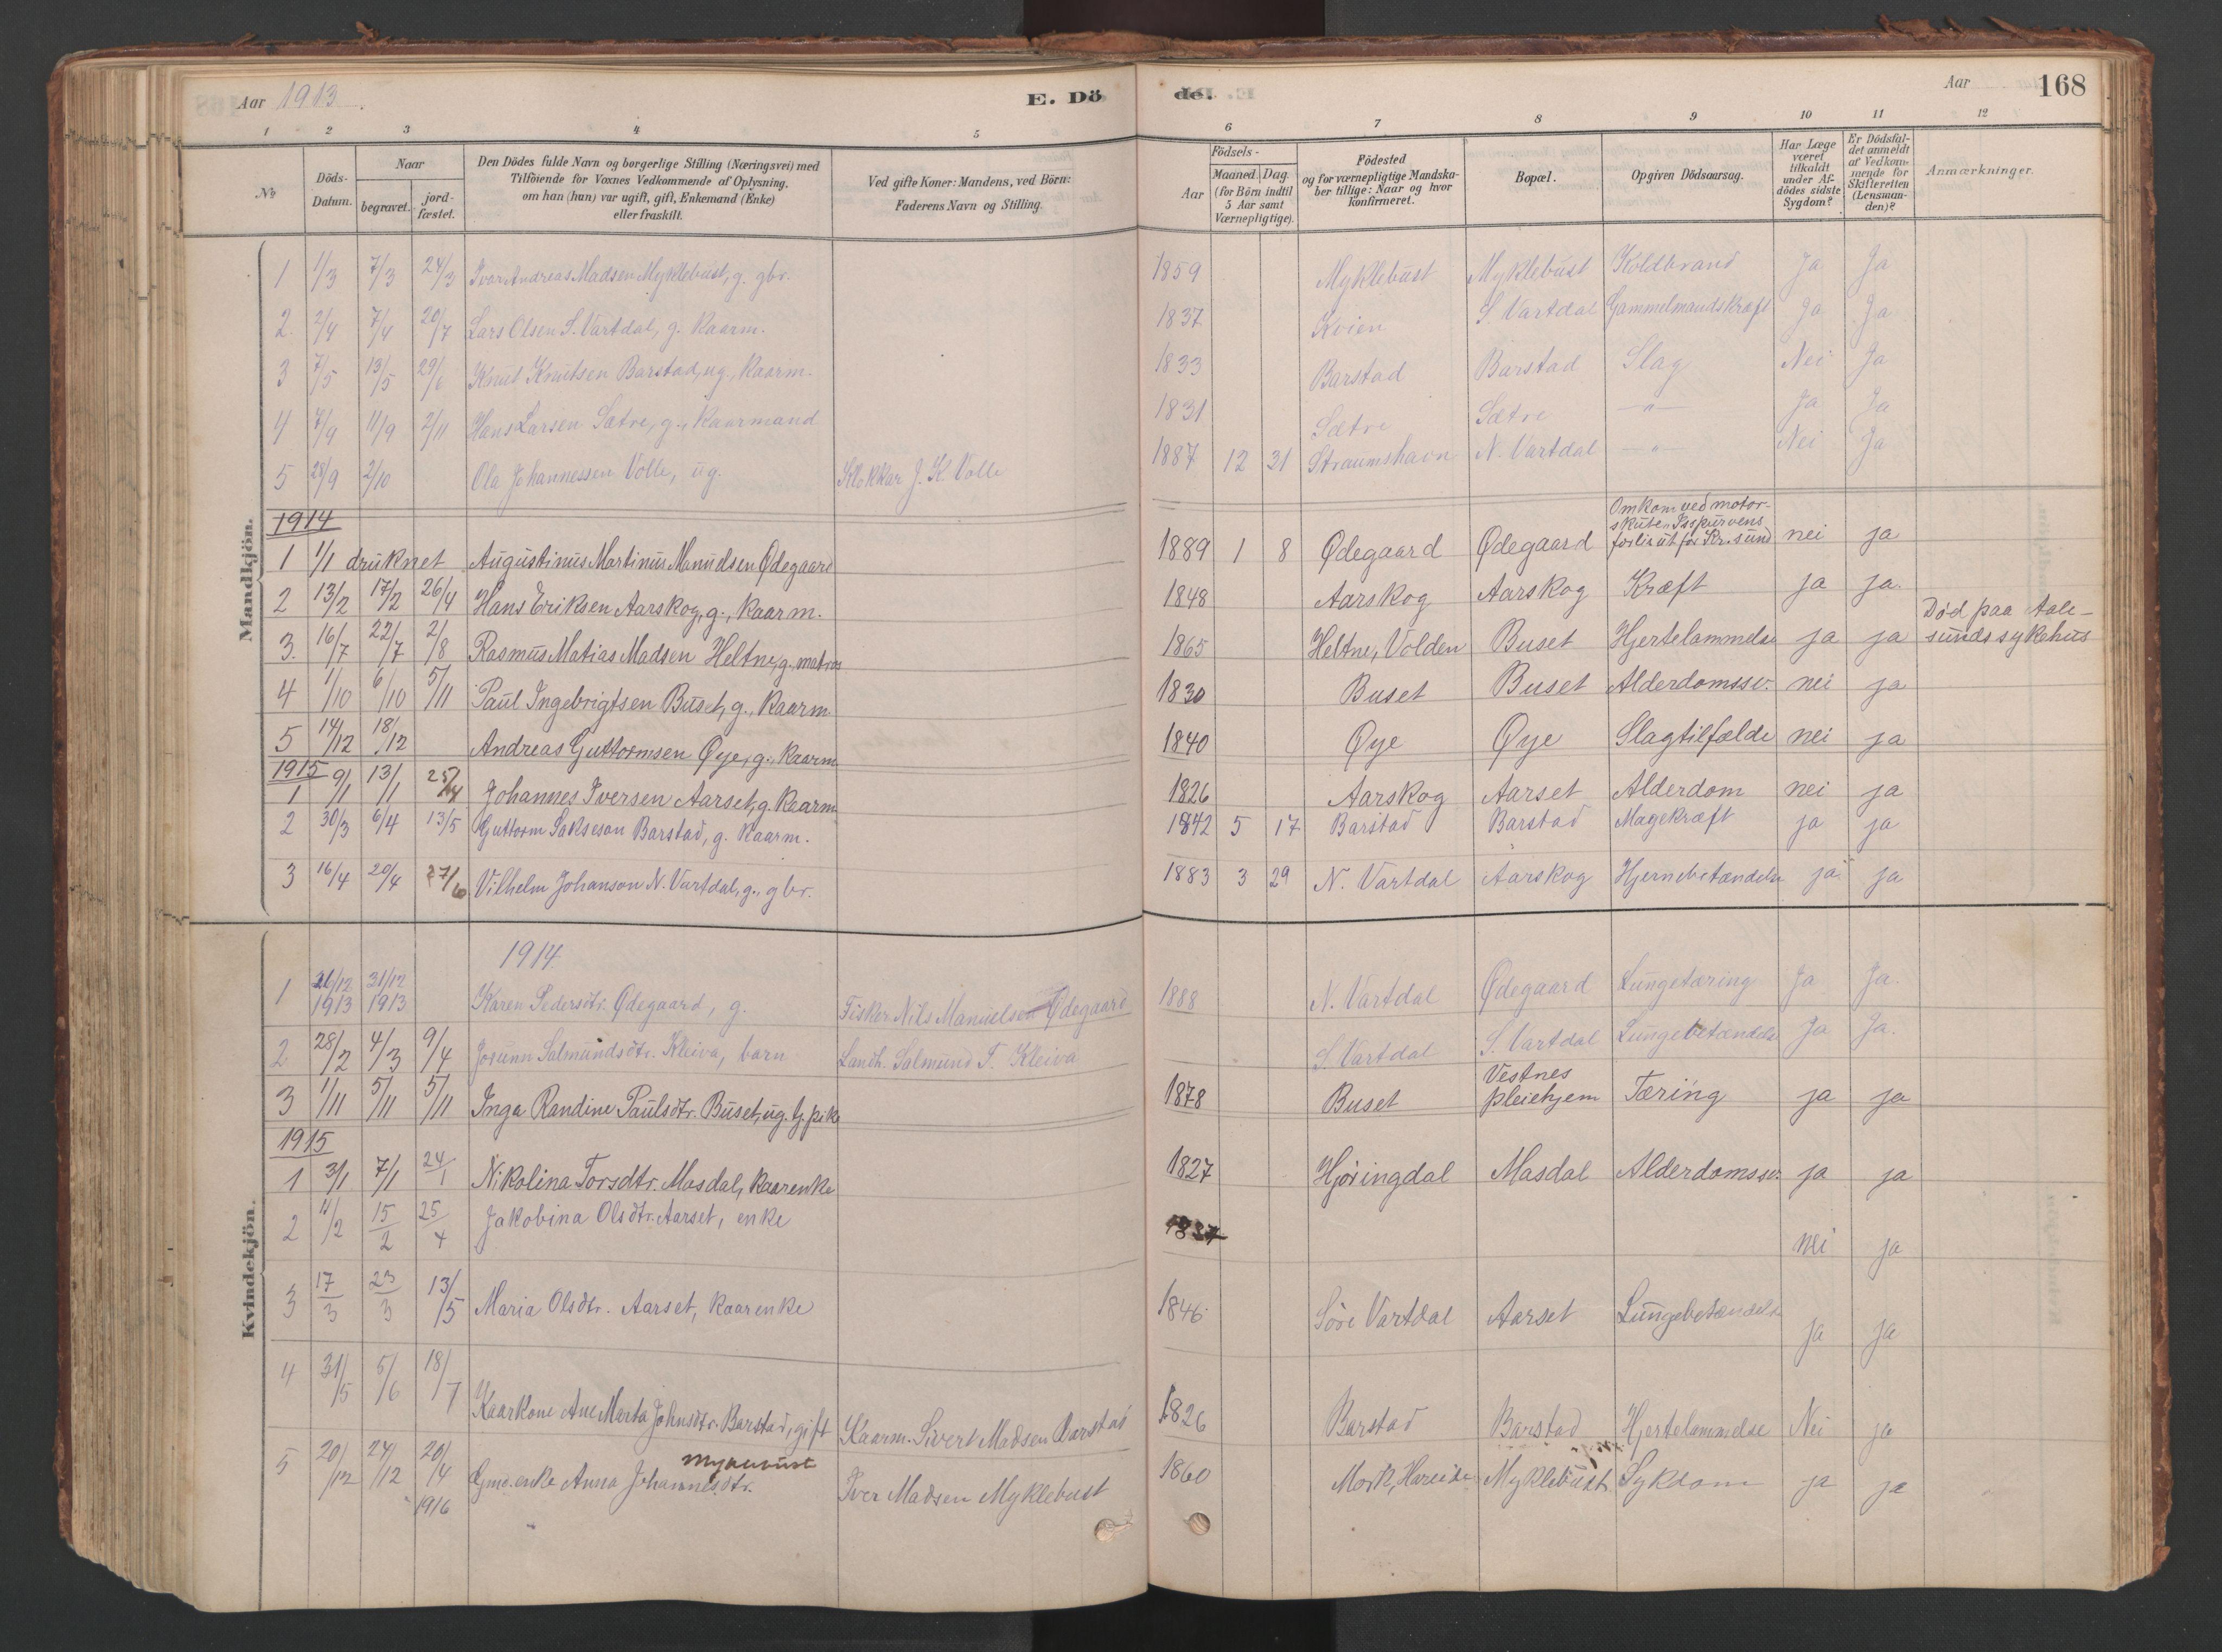 SAT, Ministerialprotokoller, klokkerbøker og fødselsregistre - Møre og Romsdal, 514/L0201: Klokkerbok nr. 514C01, 1878-1919, s. 168